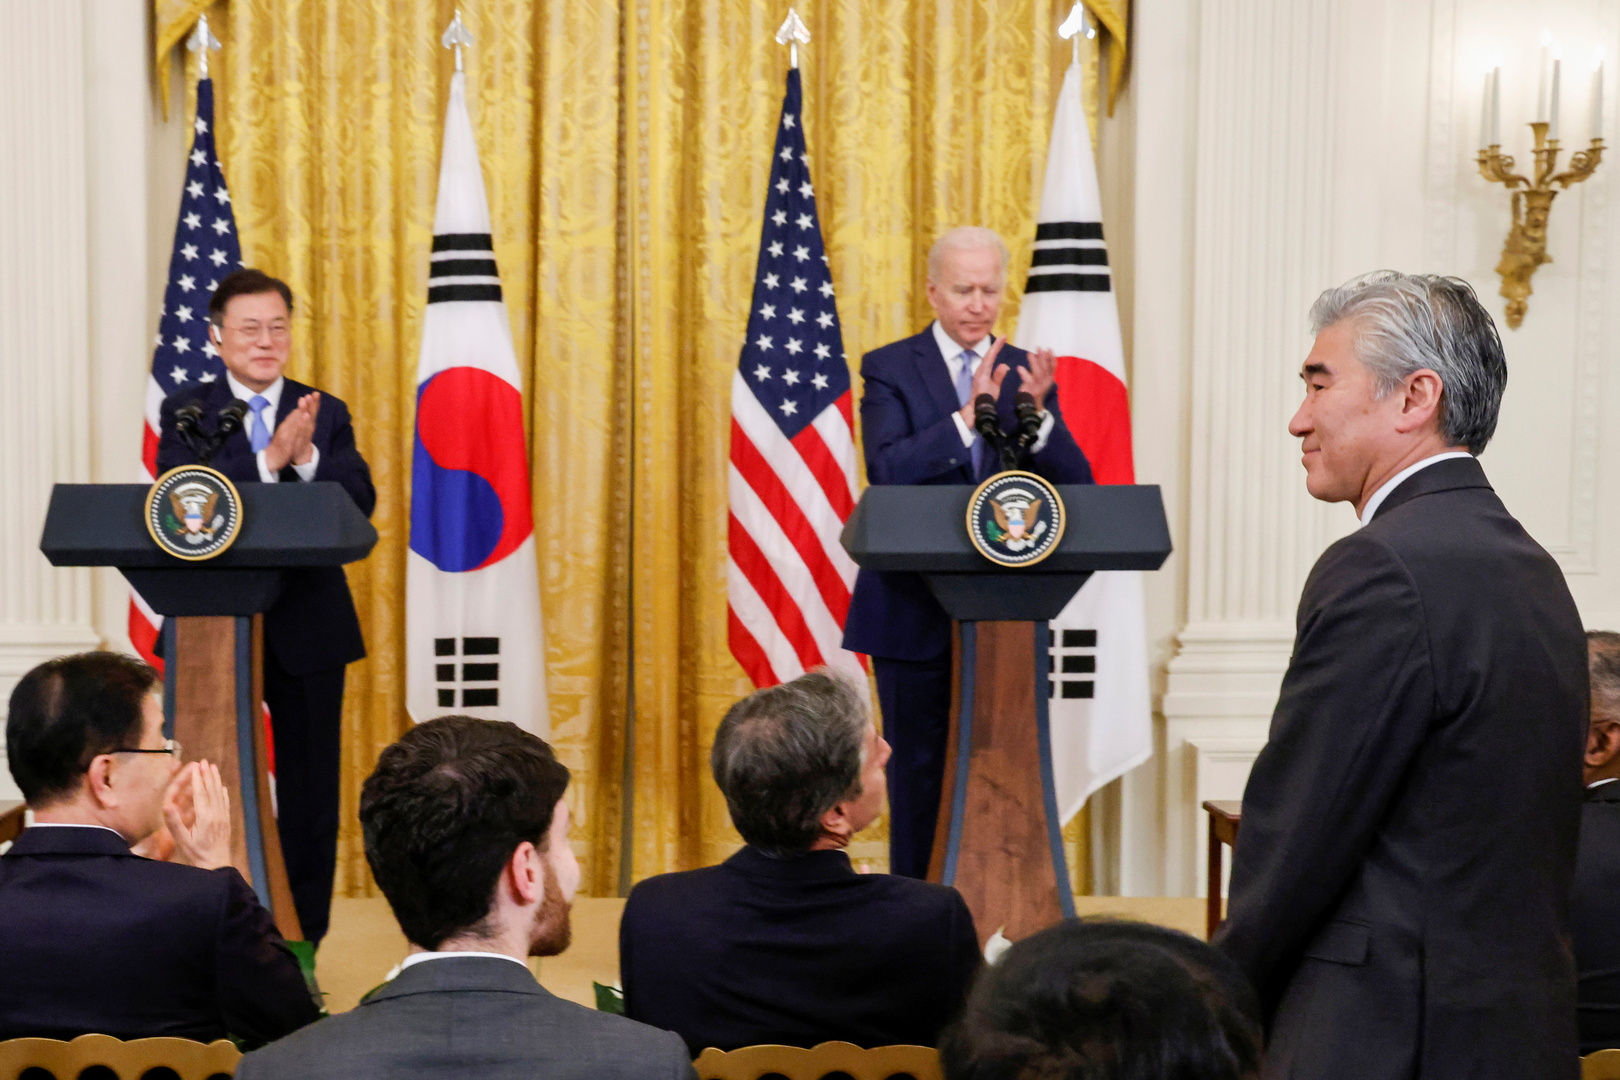 سيئول: ليس لدى الصين أي شكوى حيال رفع القيود عن تطوير كوريا الجنوبية للصواريخ